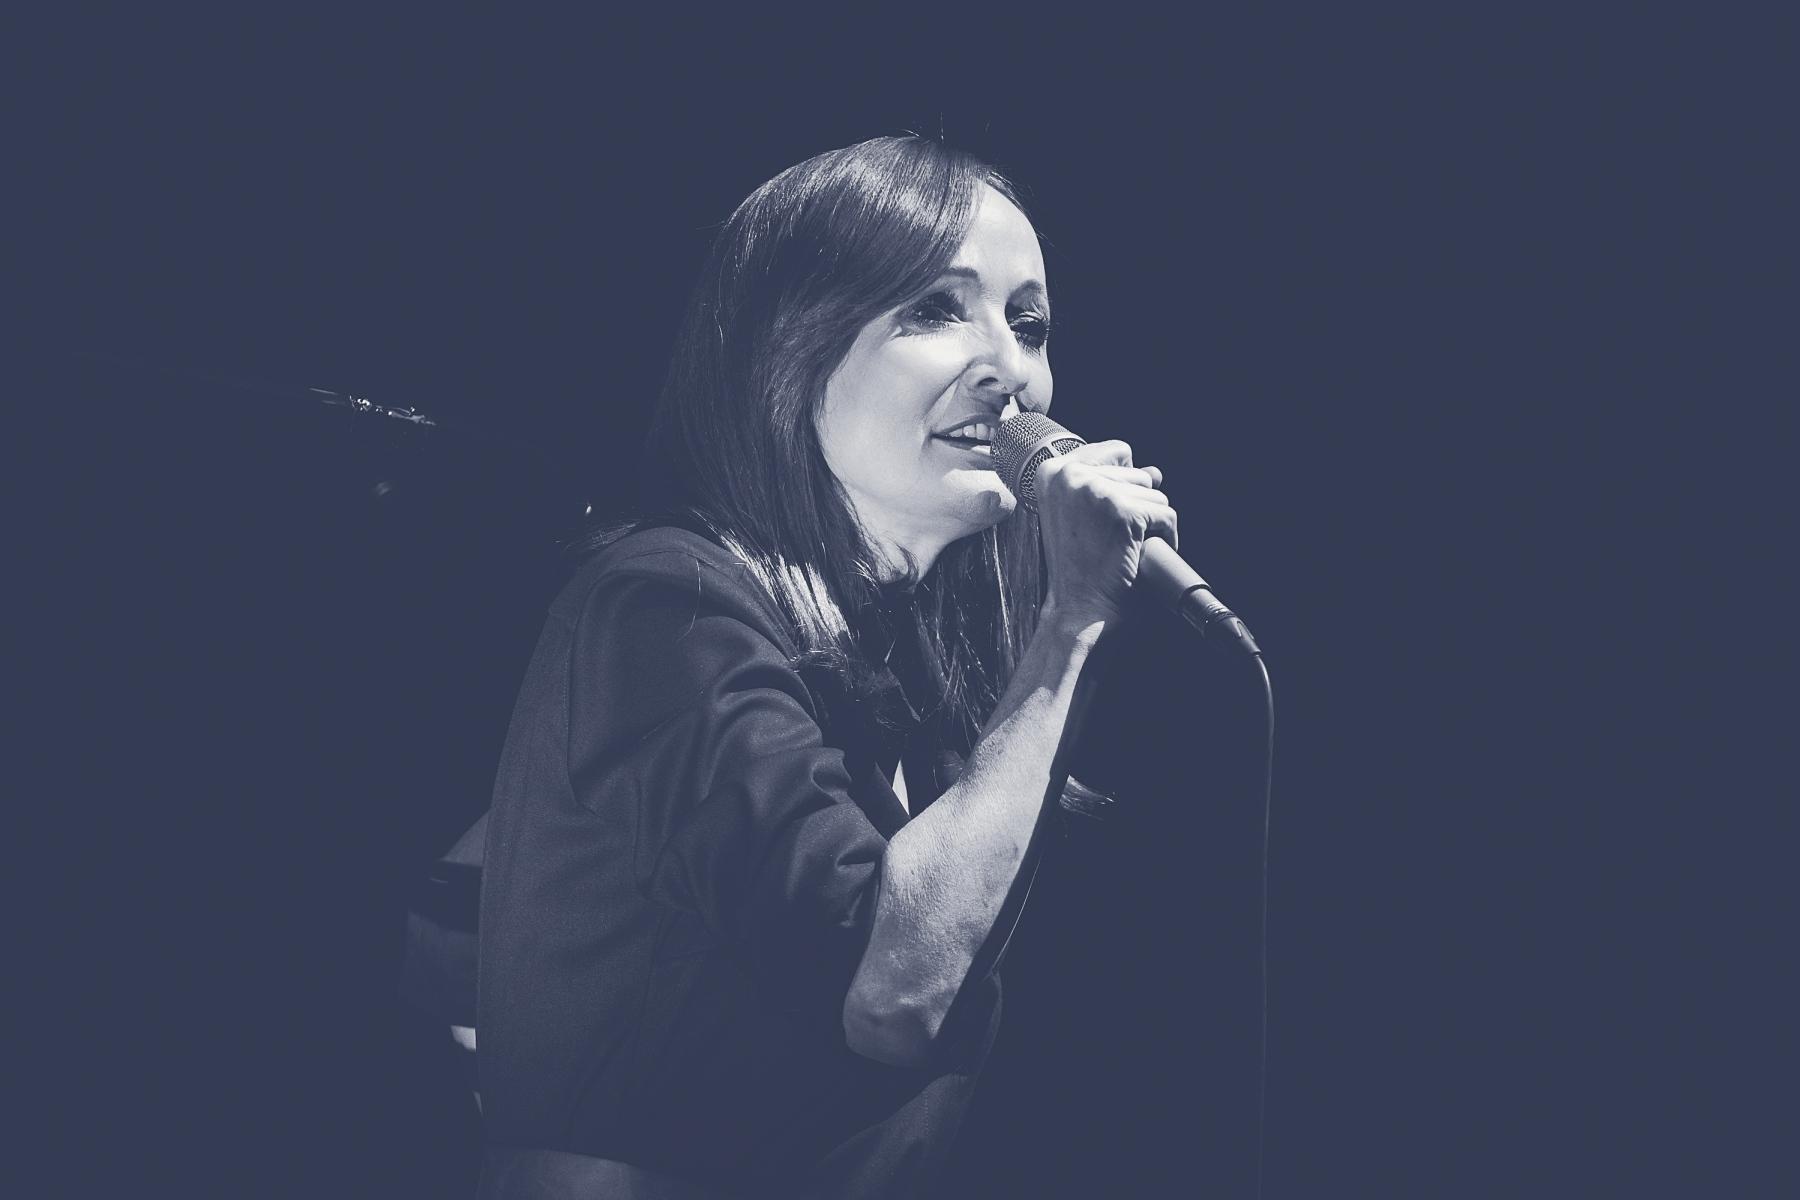 Monochromatyczne zdjęcie, na którym Justyna Szafran śpiewa do trzymanego w prawej ręce mikrofonu.